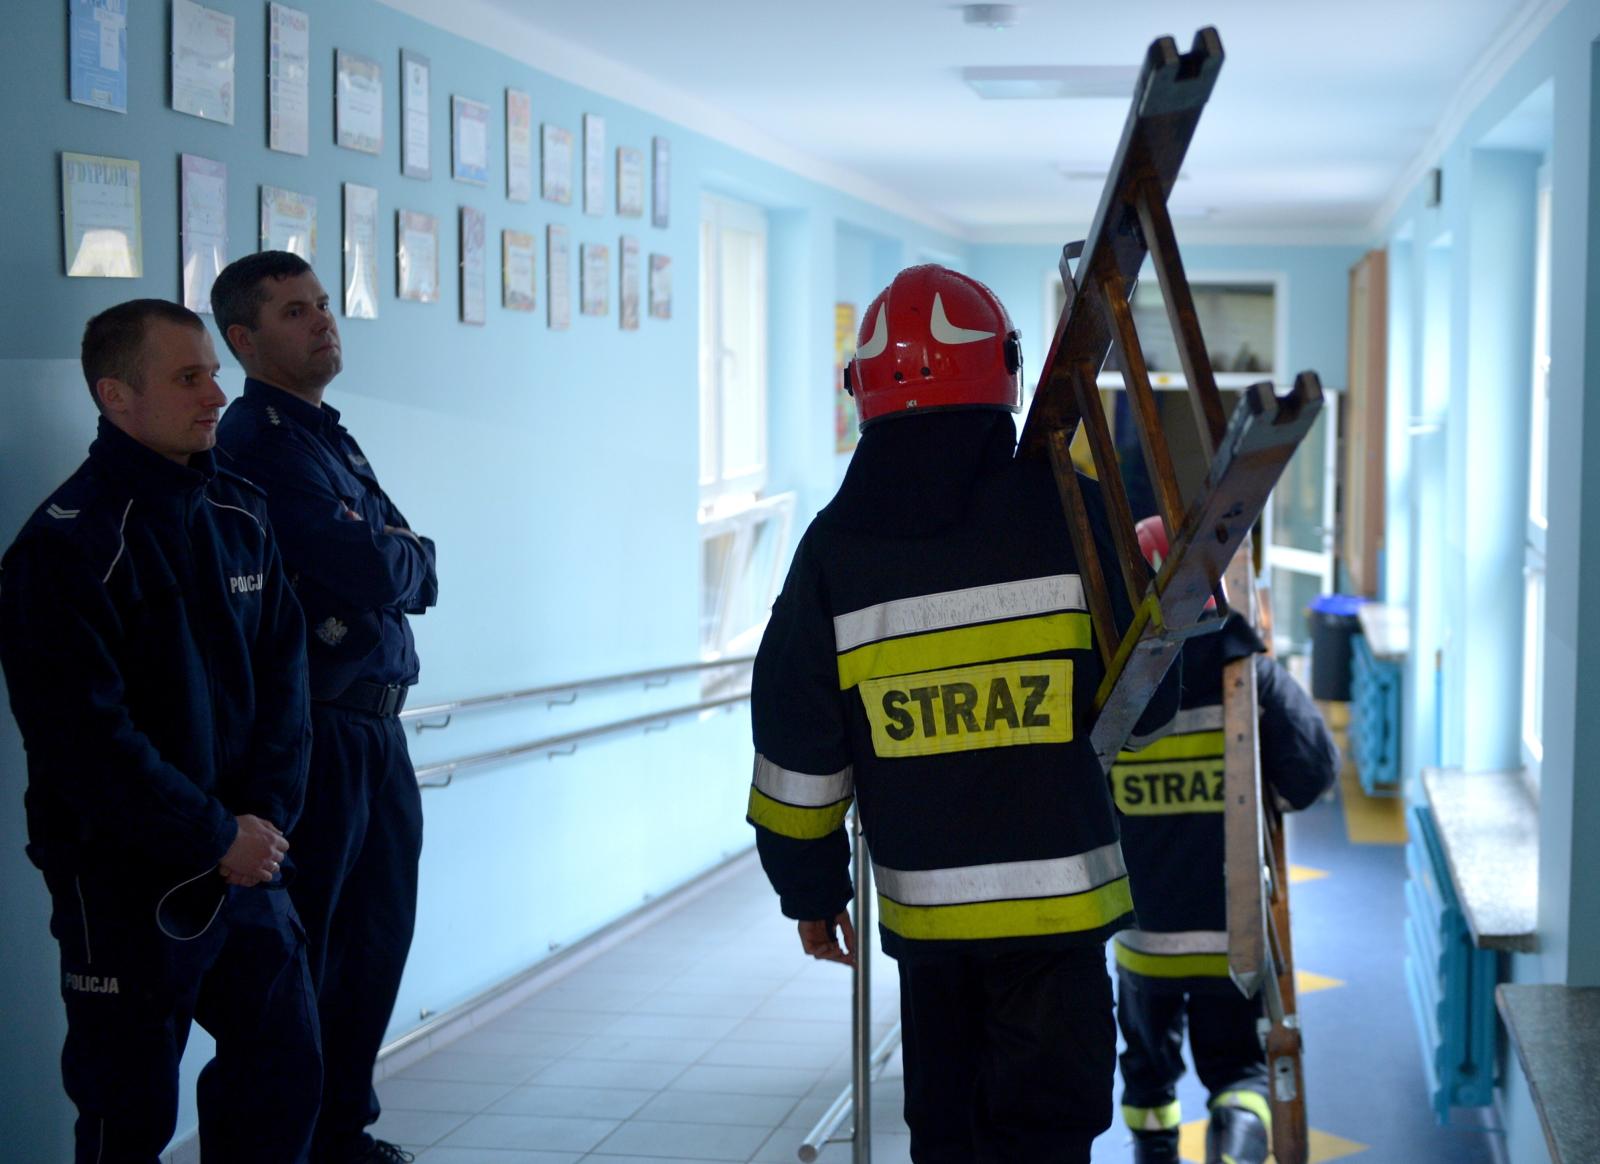 Podtrucie w szkole podstawowej w Mielcu. Fot. PAP/Darek Delmanowicz